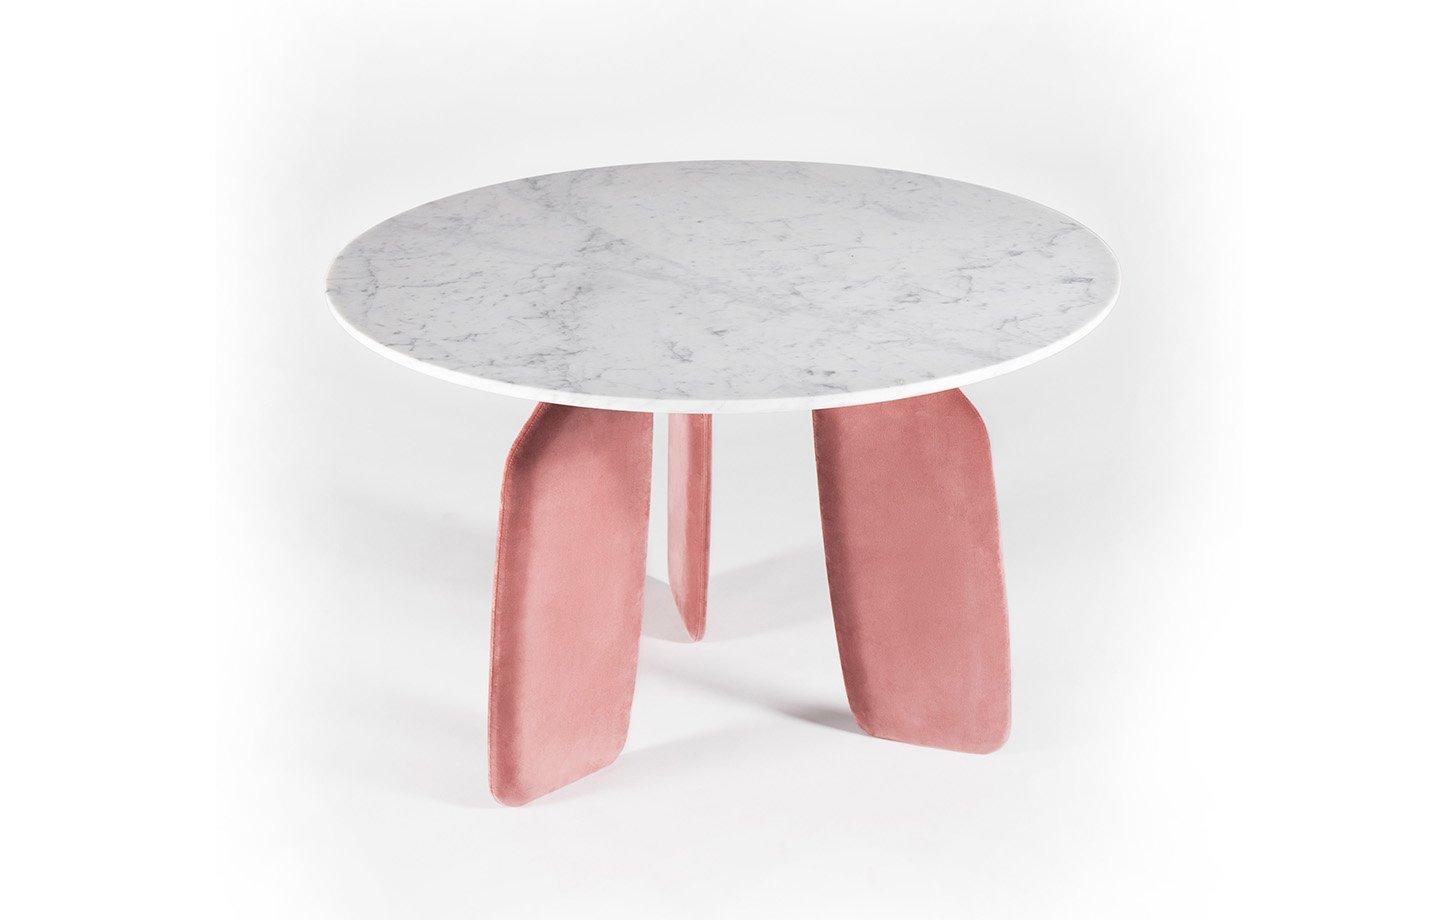 Bavaresk Dining Table By Dante Fabiia Com